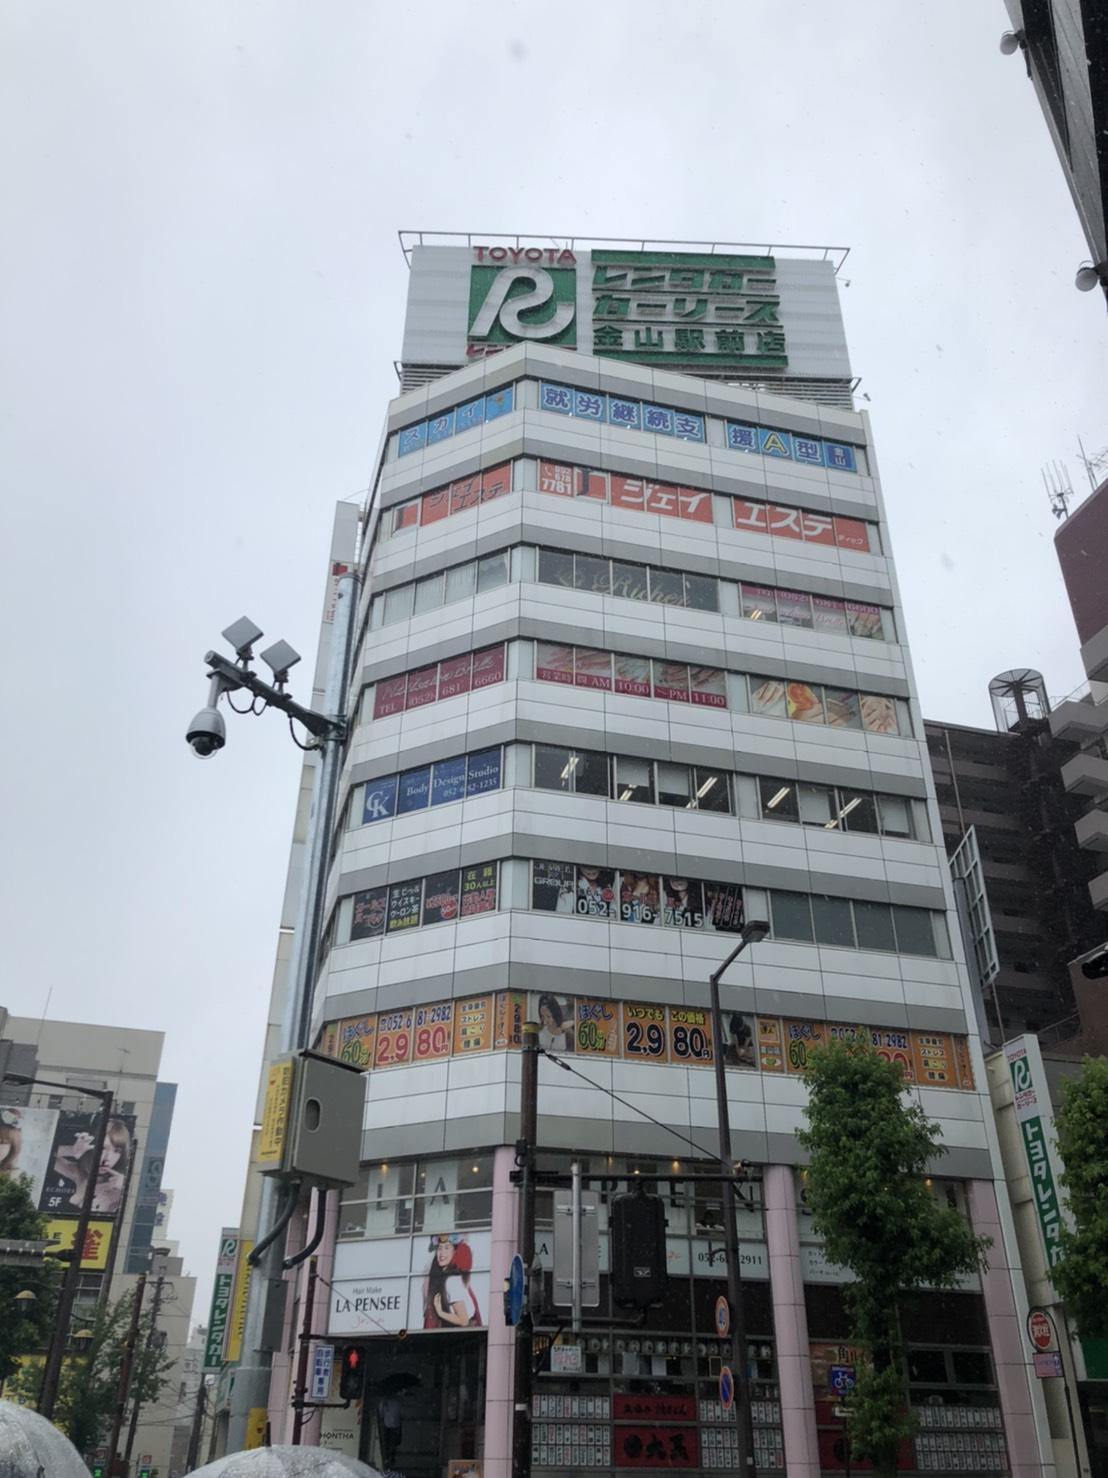 サロンがはいっているビルの外観です。6階、7階が会社のネイルサロンになります。